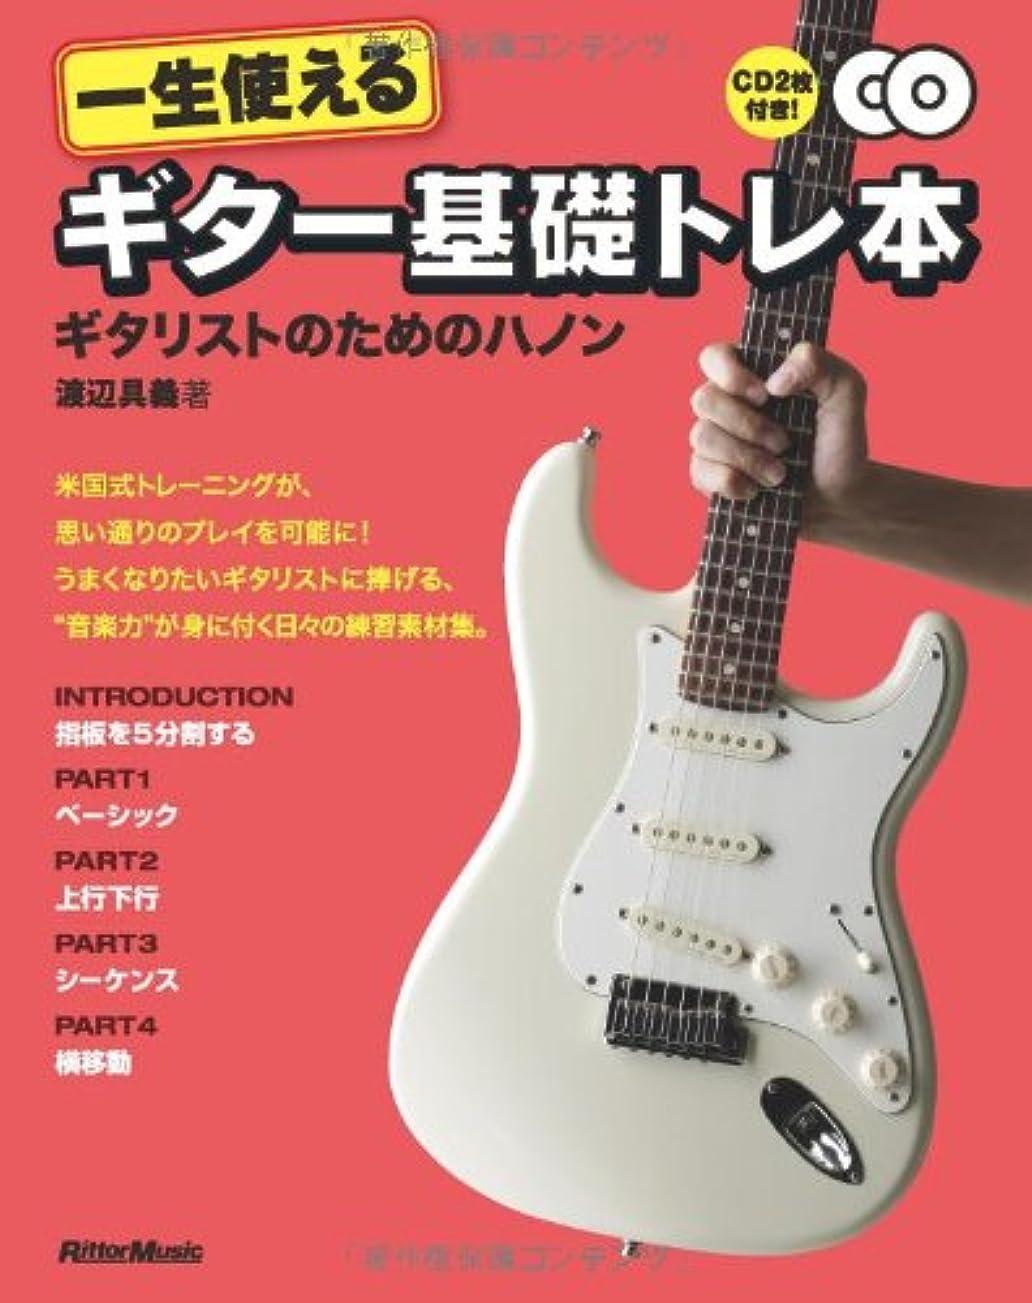 甘い狂乱発見一生使えるギター基礎トレ本 ギタリストのためのハノン(CD2枚付き)